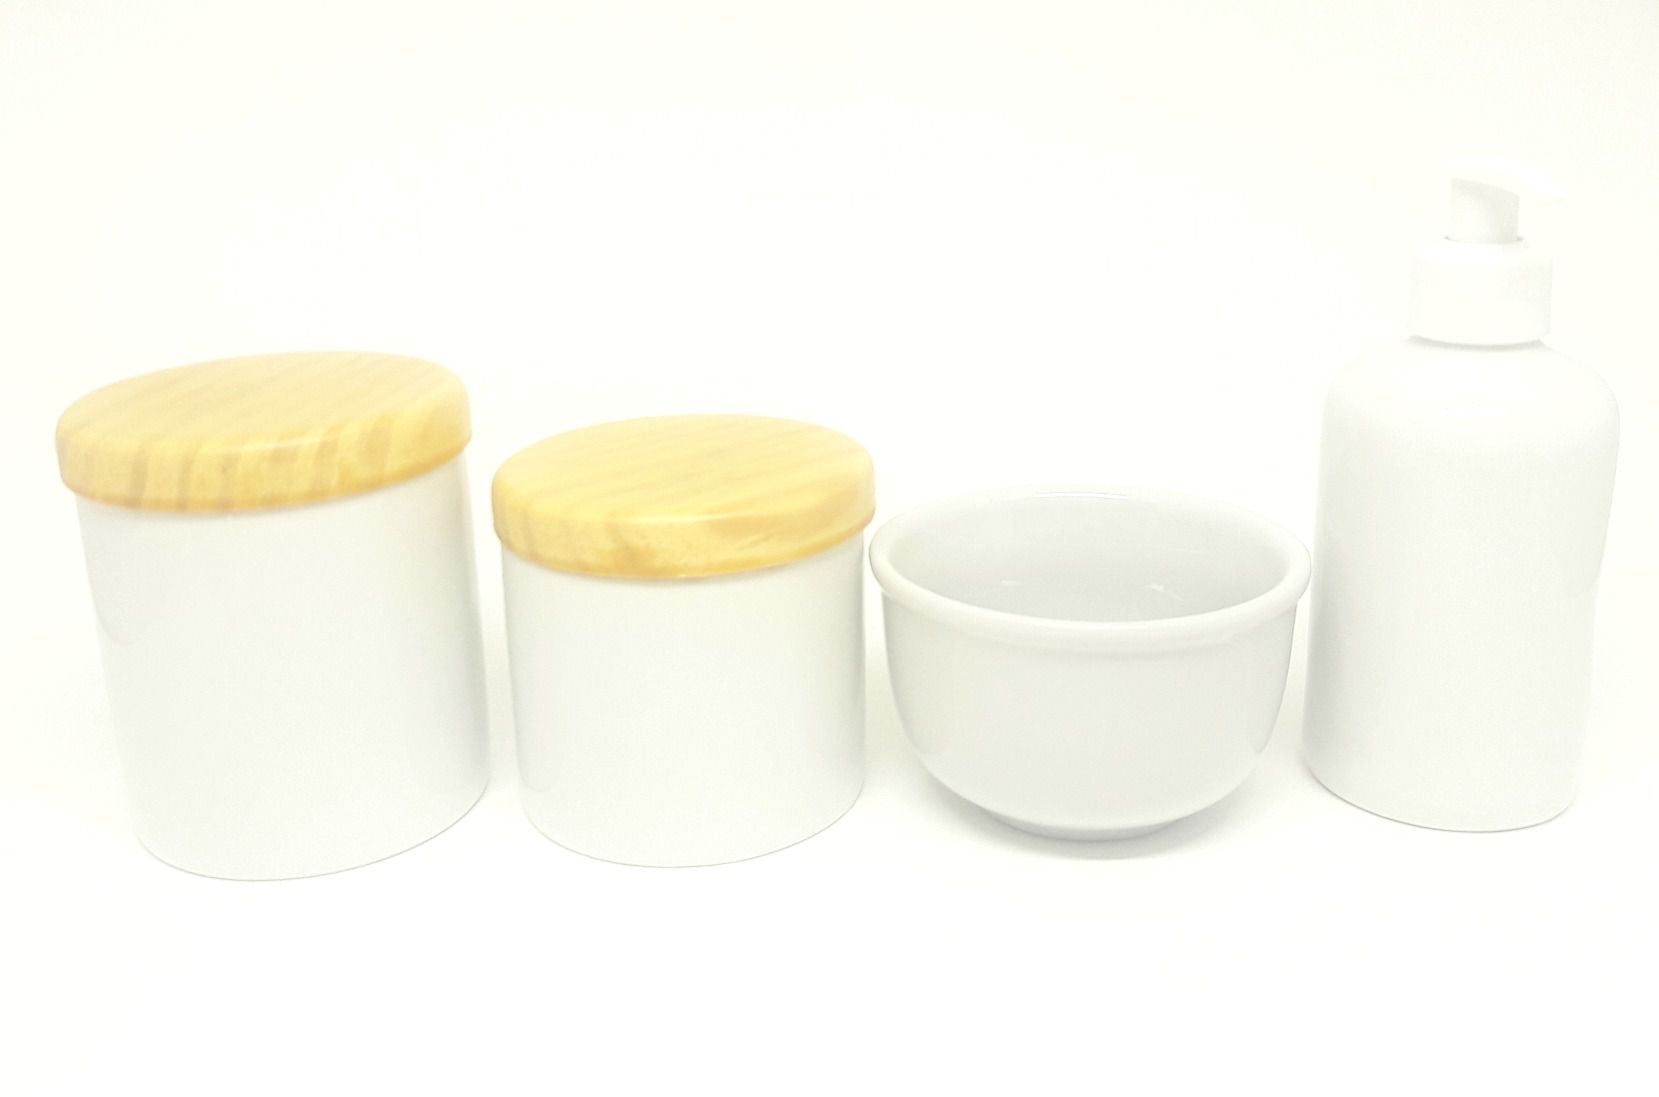 Kit Higiene Bebê Porcelana Branca | Tampas Madeira Pinus Rústica|4 peças